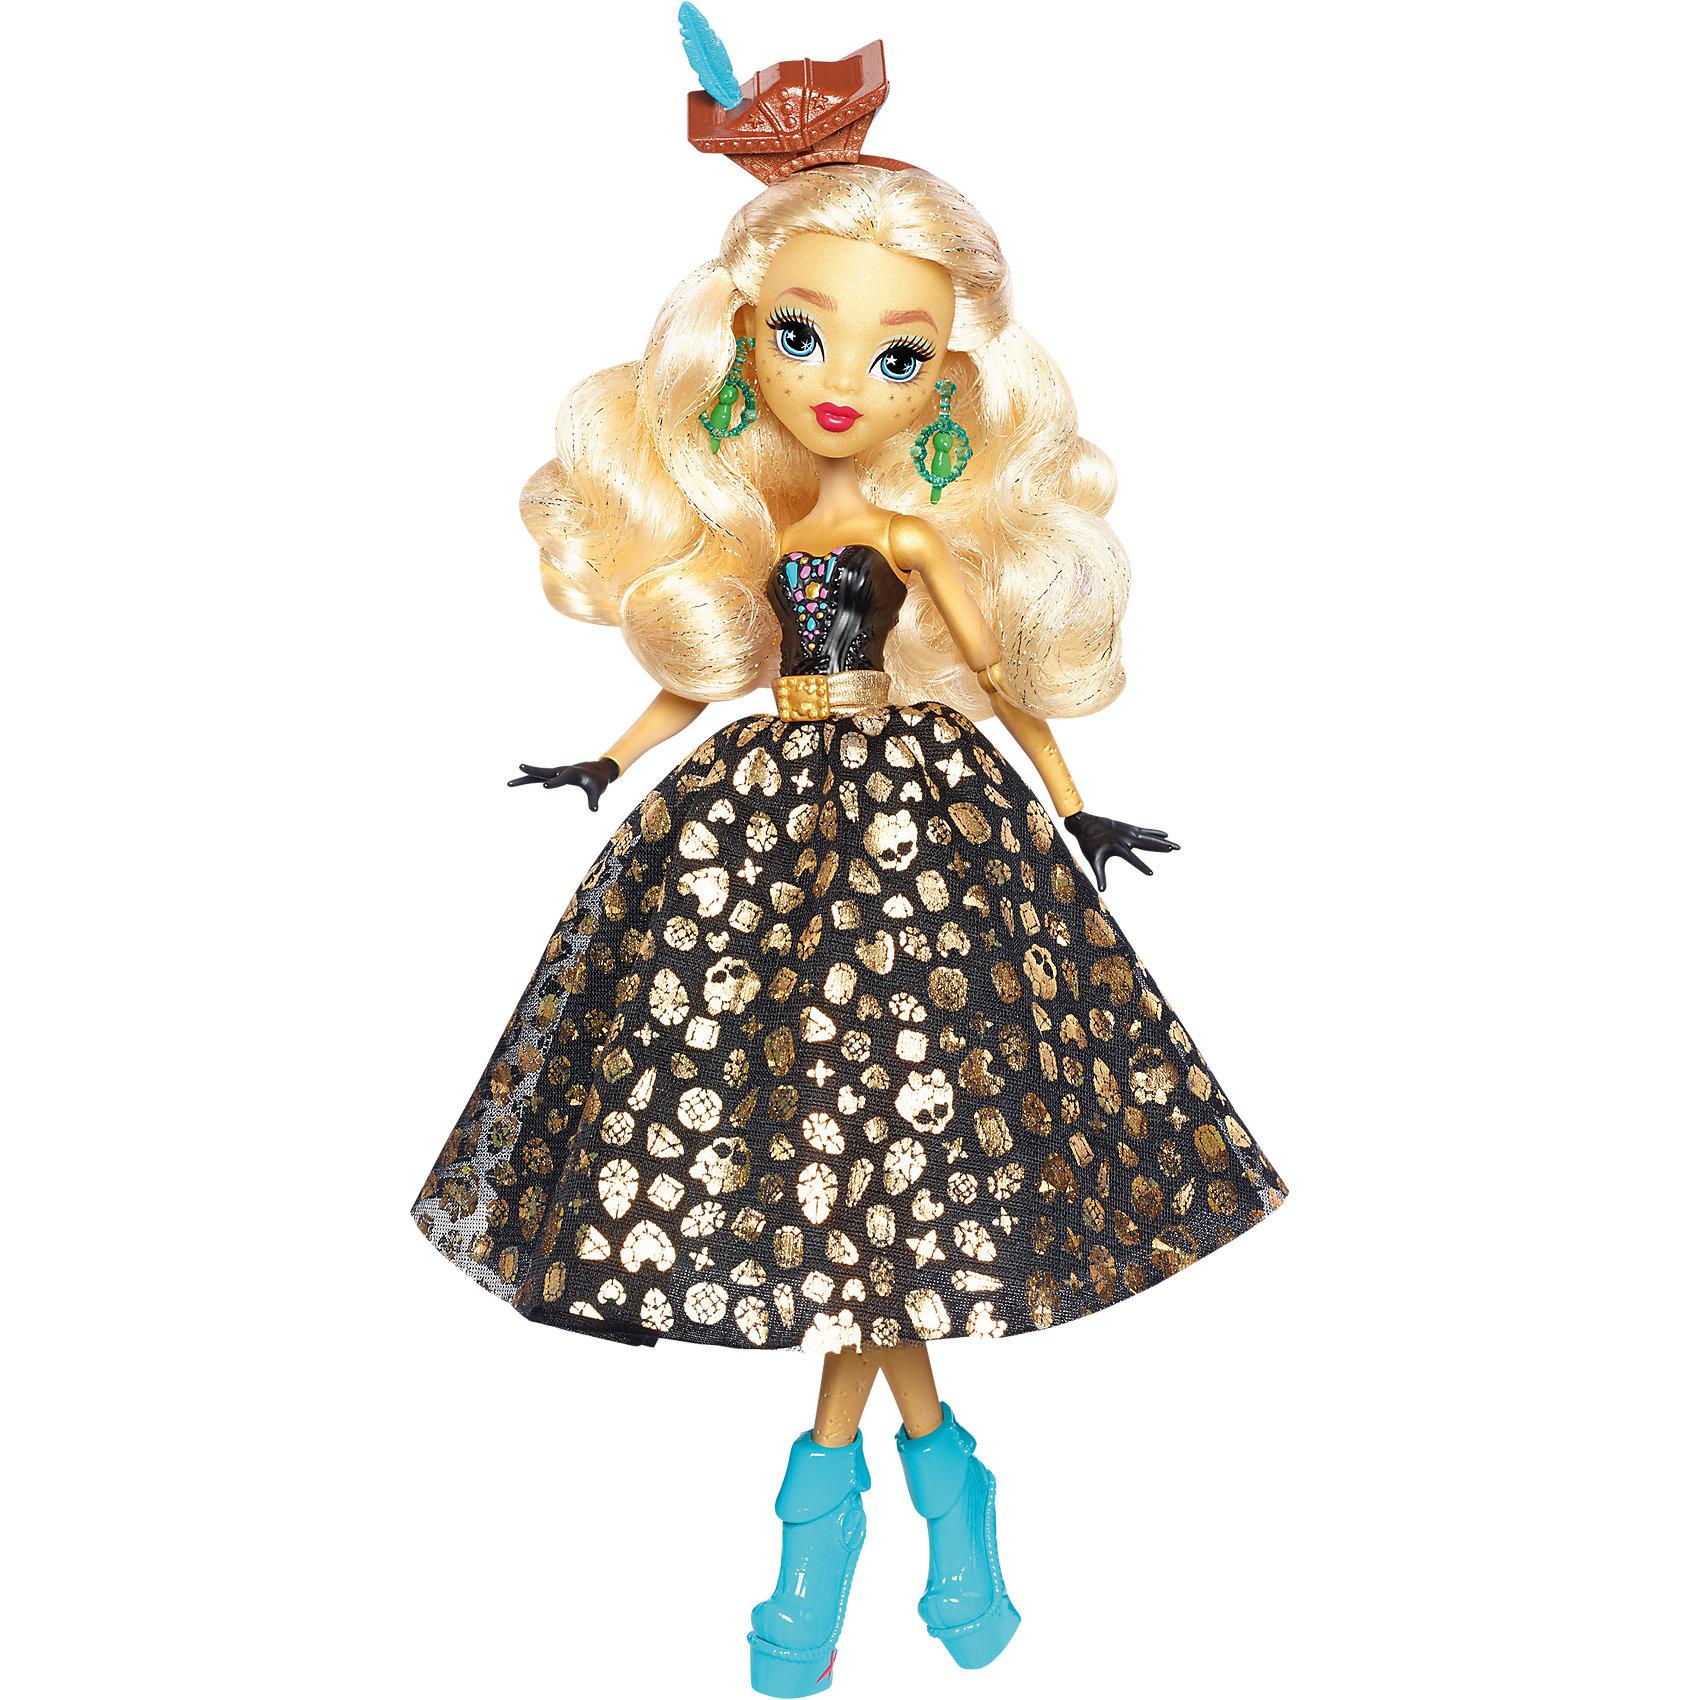 Кукла Дана Джонс из серии Пиратская авантюра, Monster HighДане Джонс, дочери легендарного пирата на этот раз предстоит найти выход с необитаемого острова после кораблекрушения. И, конечно же, не обойдется без поиска сокровищ! Ребенок по достоинству сможет оценить уникальный наряд куклы. Синяя юбка с картой сокровищ легким движением руки превращается в черную юбку с блестящими черепами. А в подошве и в шляпке-сундучке вы найдете золотые монеты.<br>Дополнительная информация:<br>Материал: пластик<br>Требуется подставка<br>Куклу Дана Джонс(Monster High) можно купить в нашем интернет-магазине.<br><br>Ширина мм: 329<br>Глубина мм: 203<br>Высота мм: 66<br>Вес г: 247<br>Возраст от месяцев: 72<br>Возраст до месяцев: 144<br>Пол: Женский<br>Возраст: Детский<br>SKU: 4765363